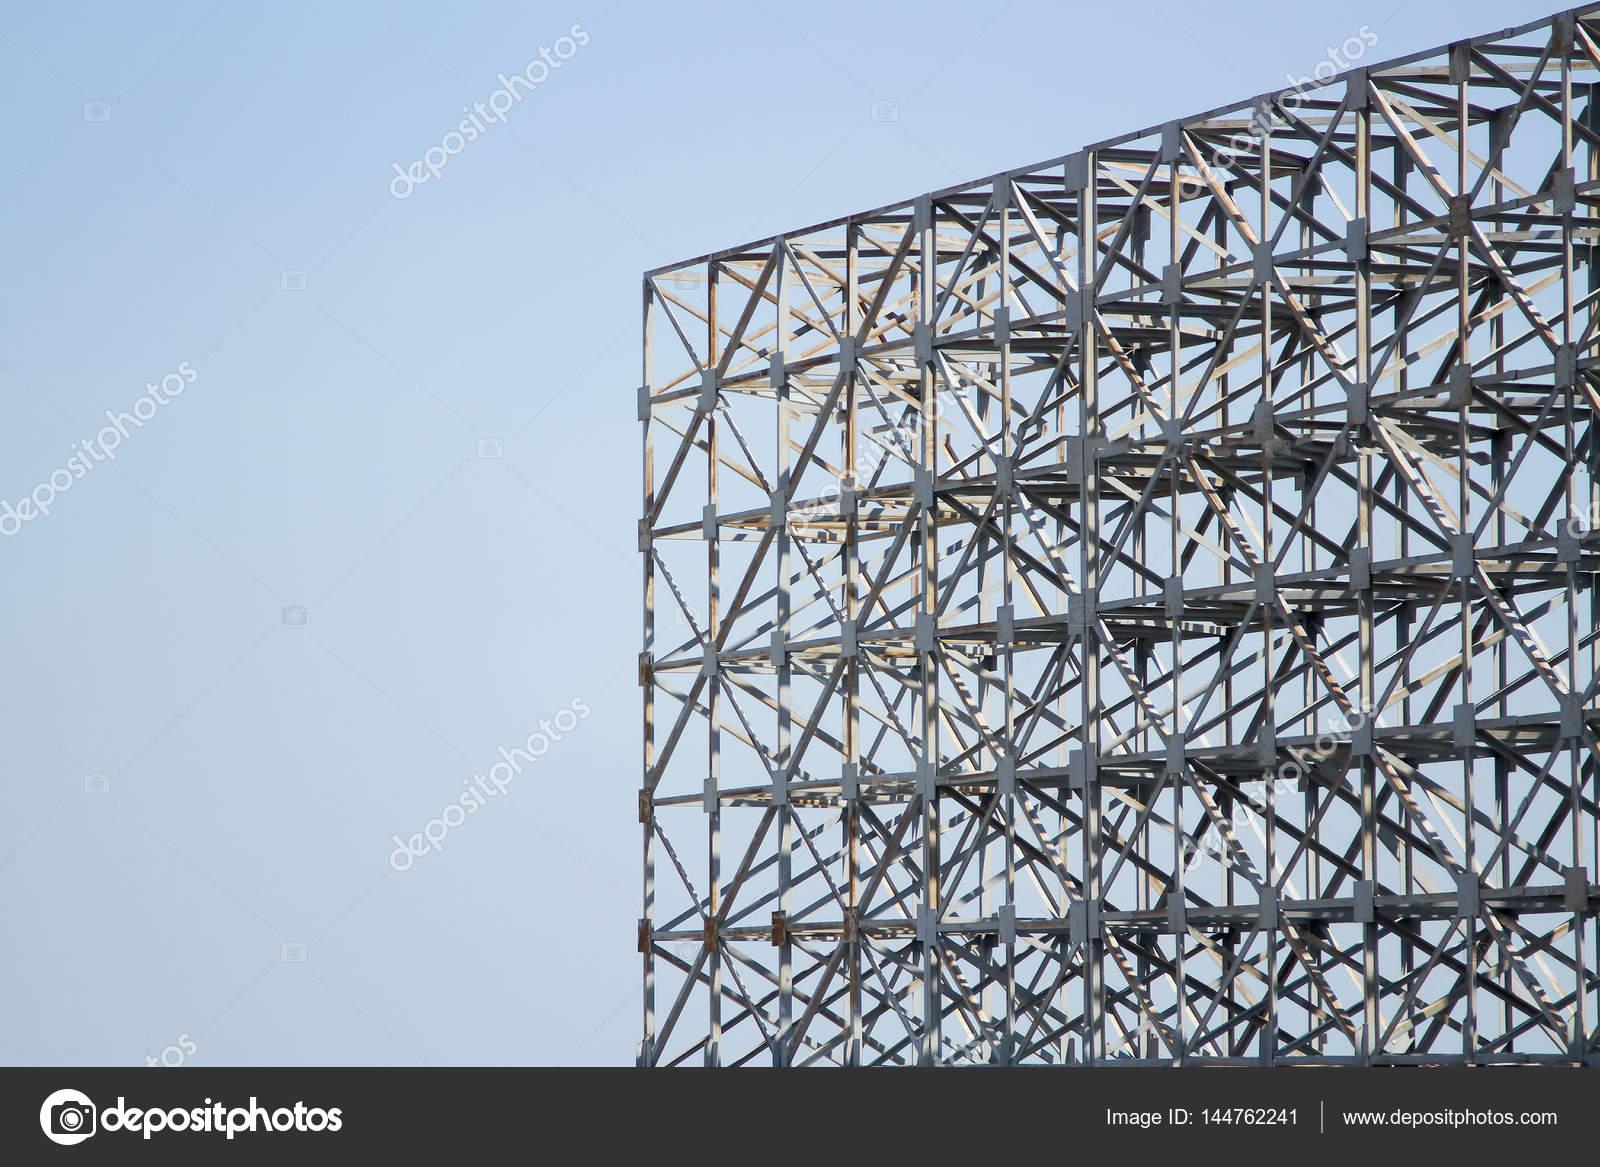 Marco de acero estructura es viejo para el fondo — Foto de stock ...